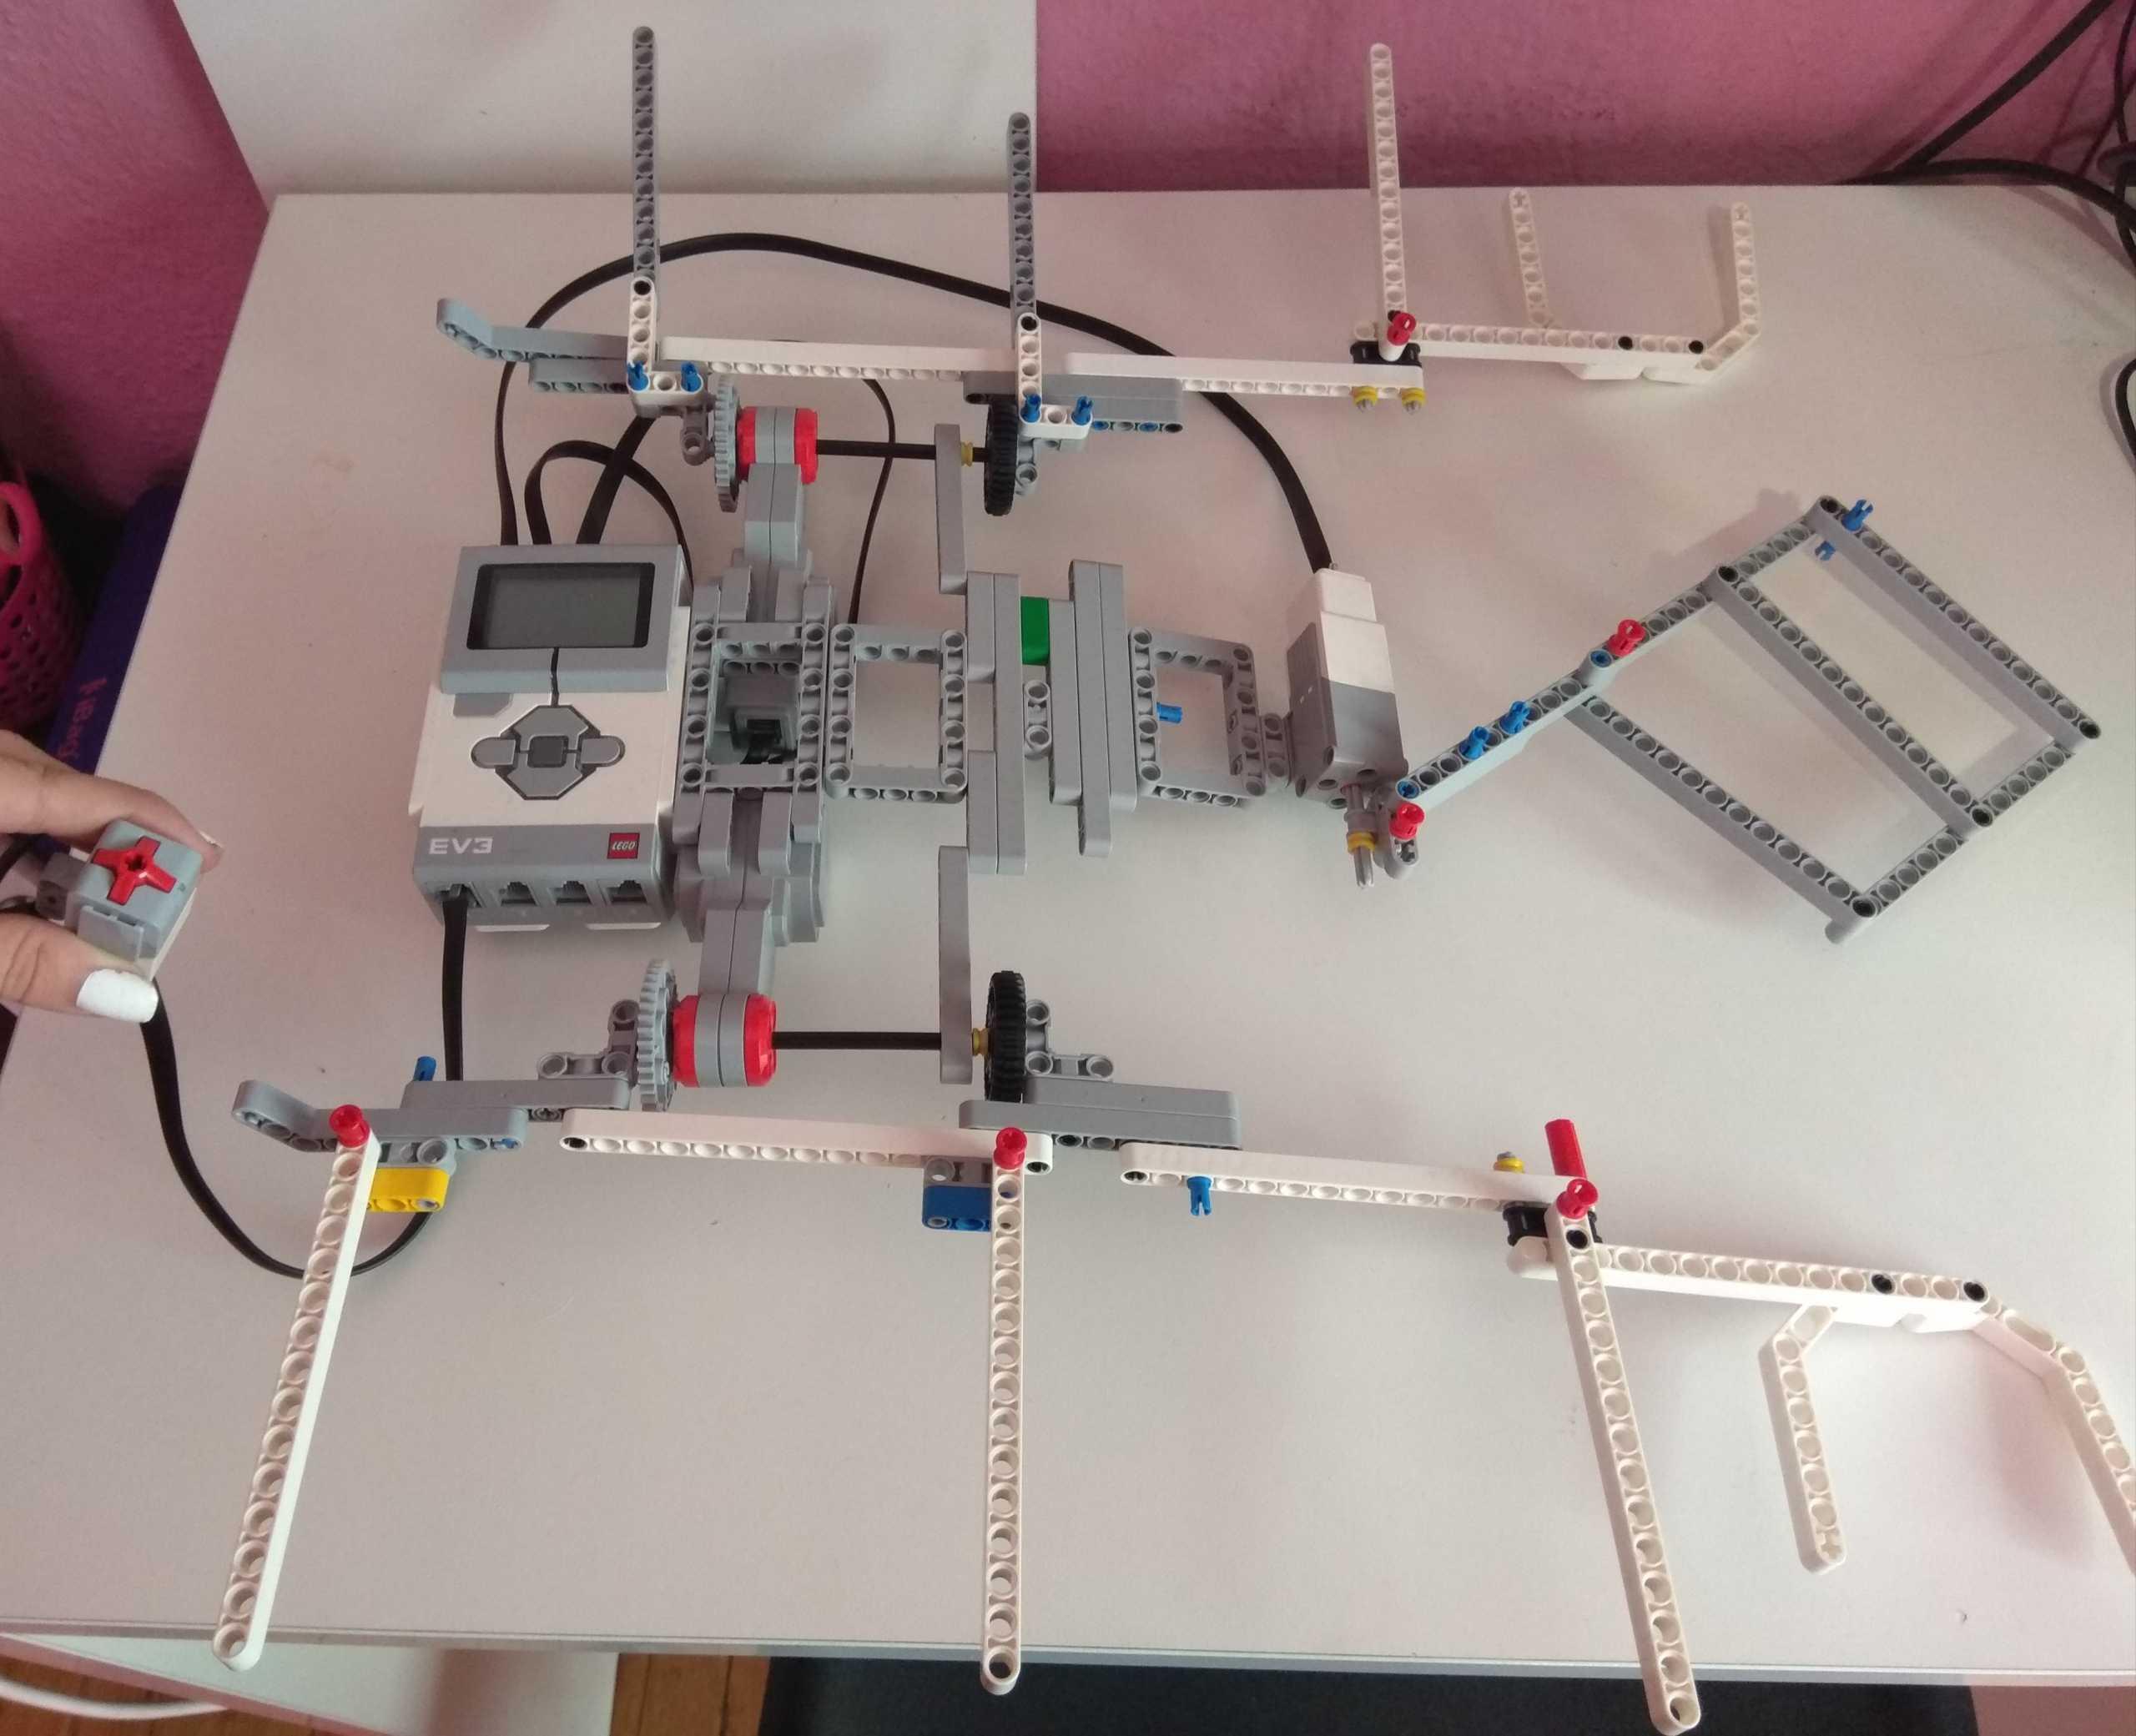 Ημαθία: Αυτό είναι το ρομπότ που έφτιαξαν μαθήτριες για να βοηθήσουν τις μητέρες τους (pics)